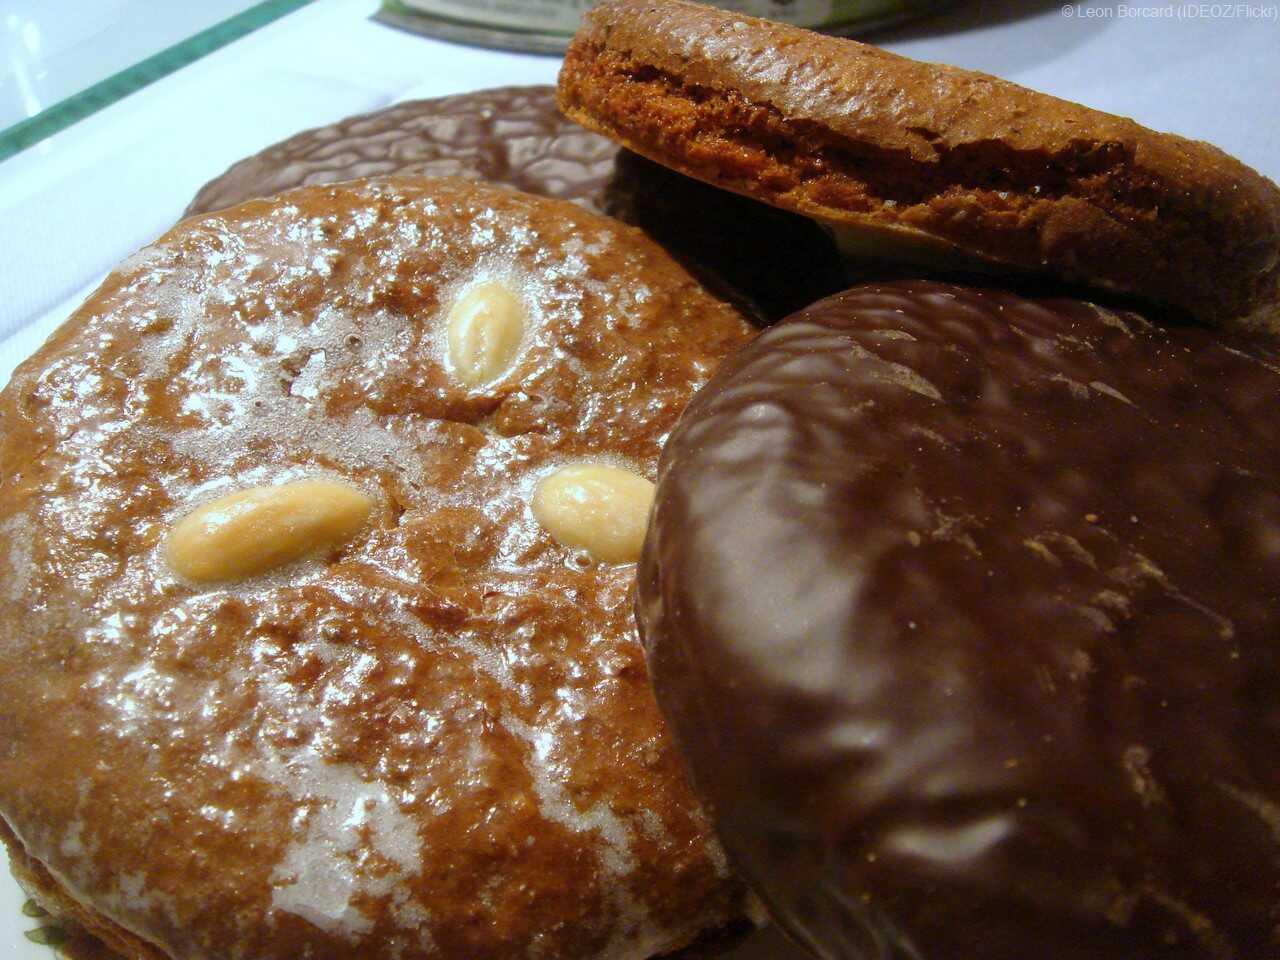 lebkuchen elise pain d'épices de Nüremberg en Bavière